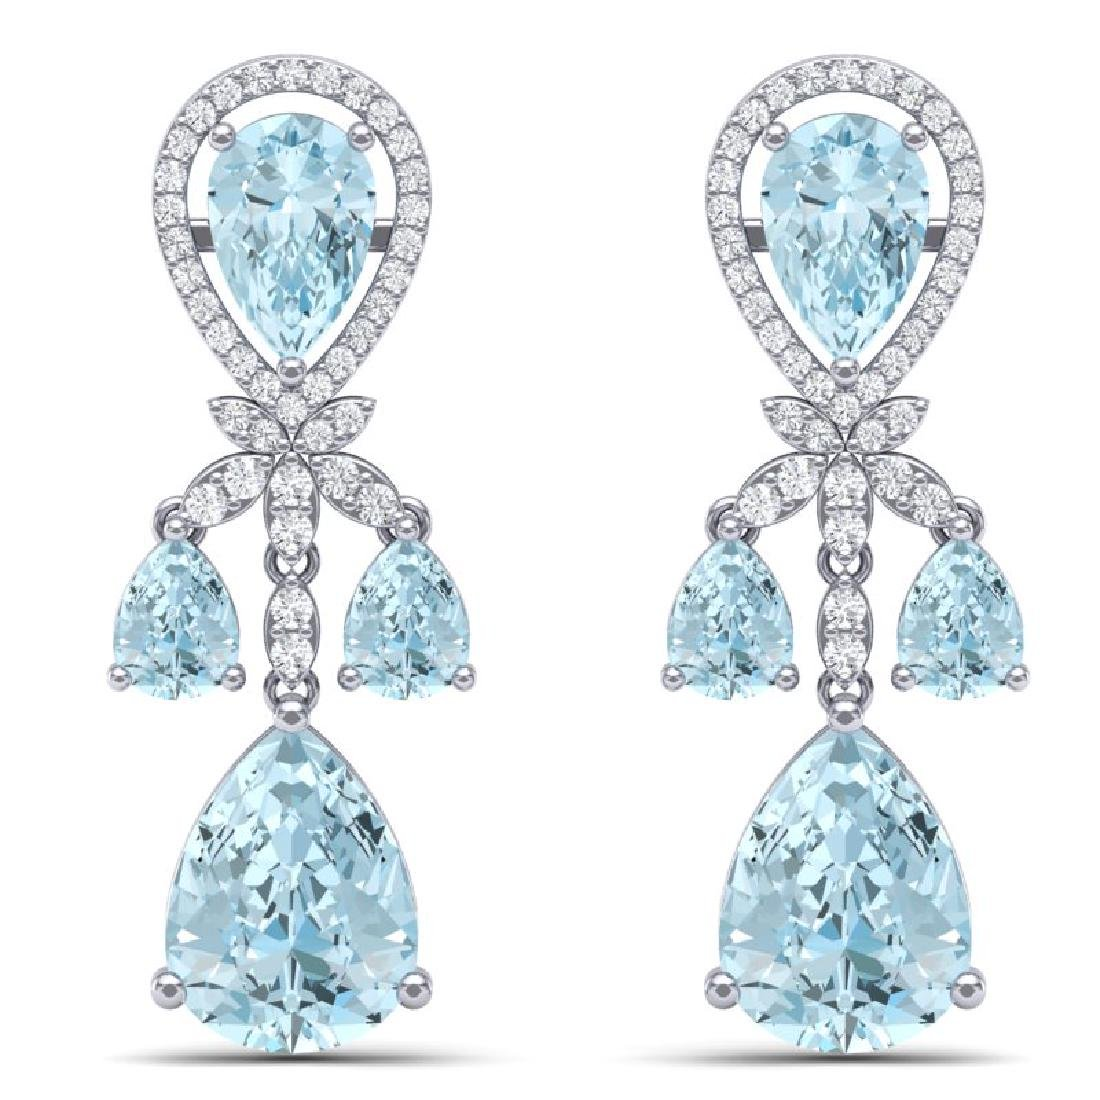 40.01 CTW Royalty Sky Topaz & VS Diamond Earrings 18K